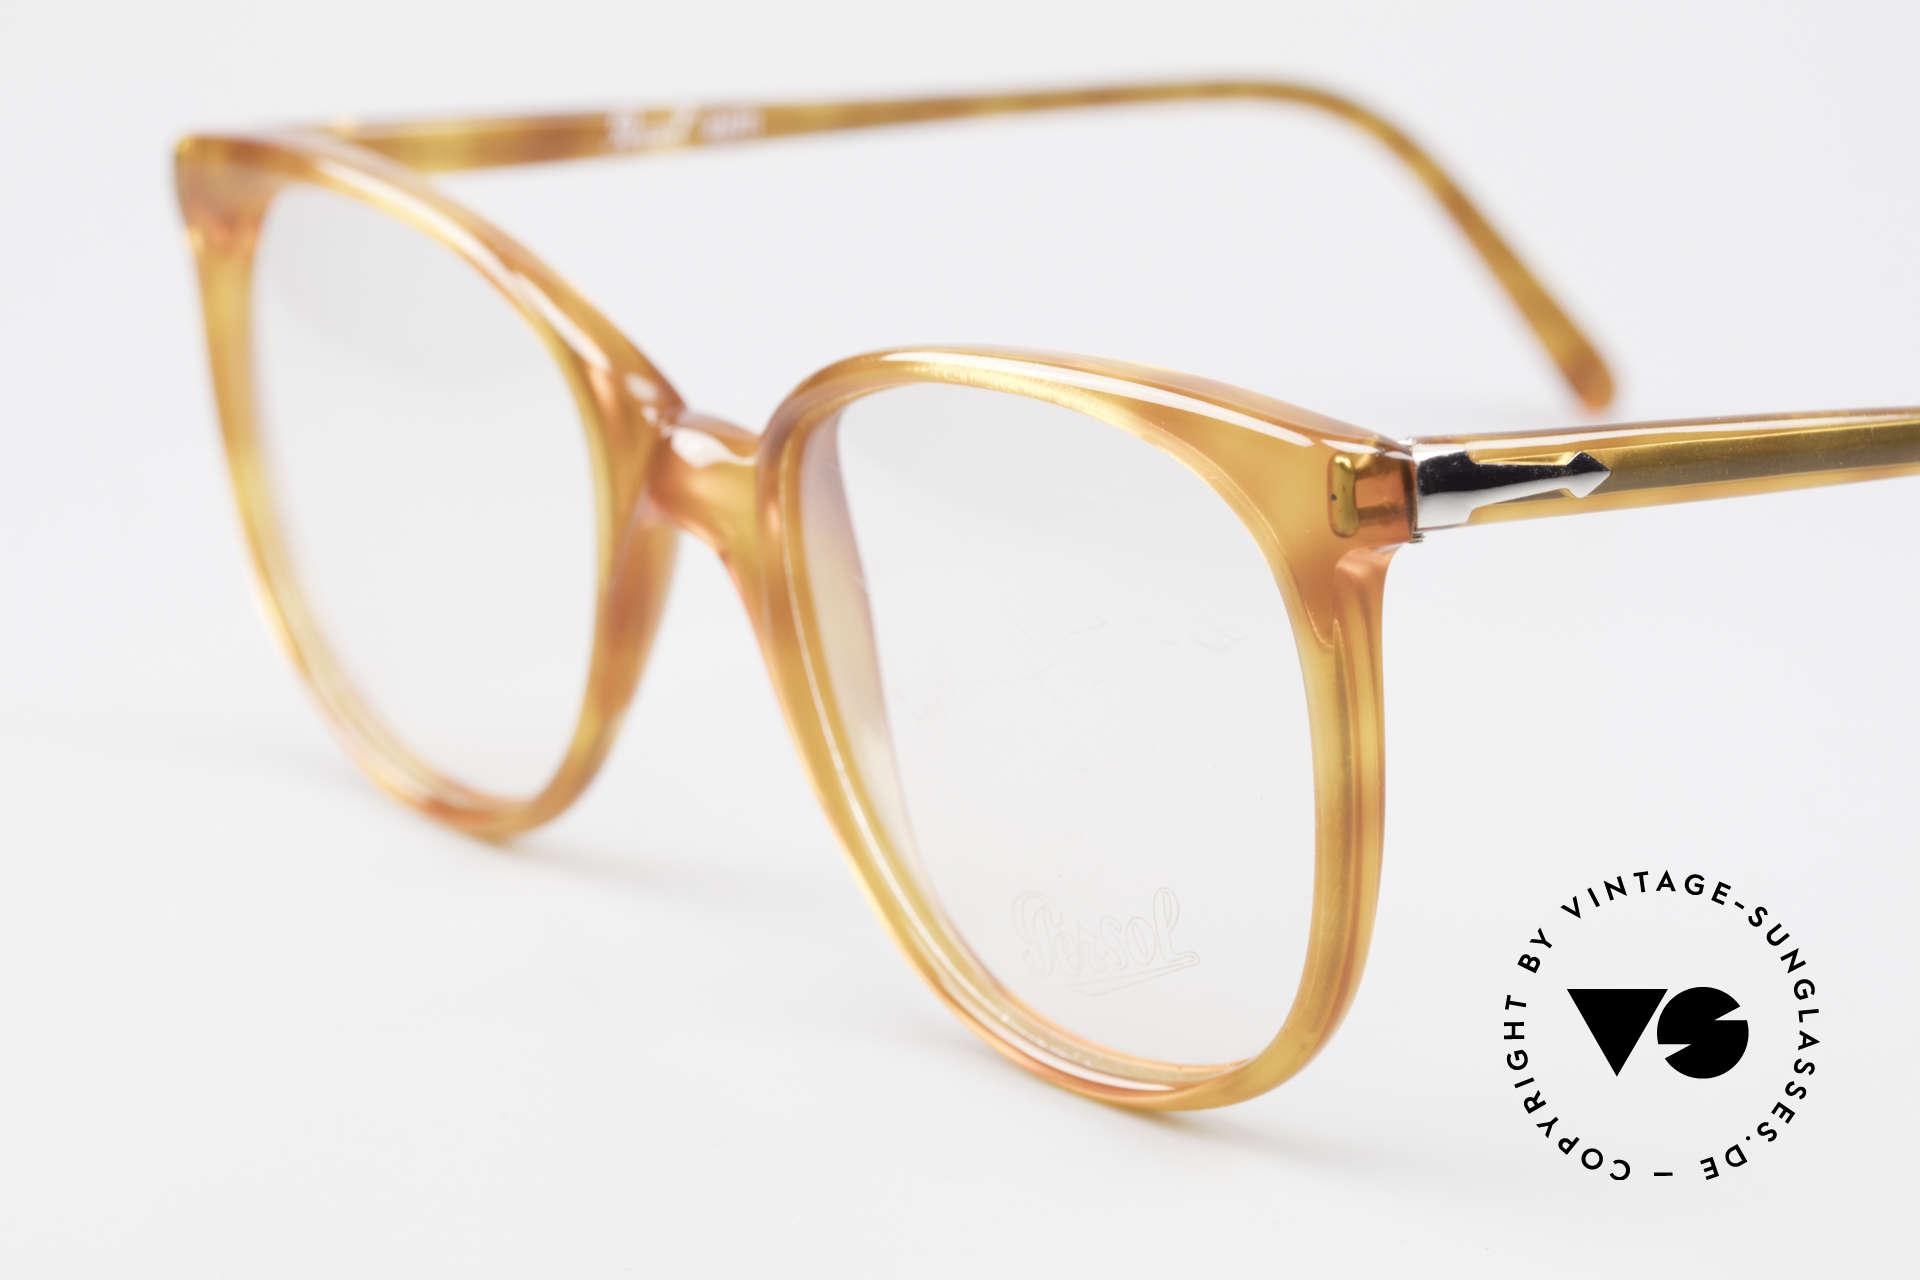 Persol 09181 Ratti Alte Vintage Brille Original, ungetragen; wie alle unsere vintage Persol Ratti, Passend für Herren und Damen